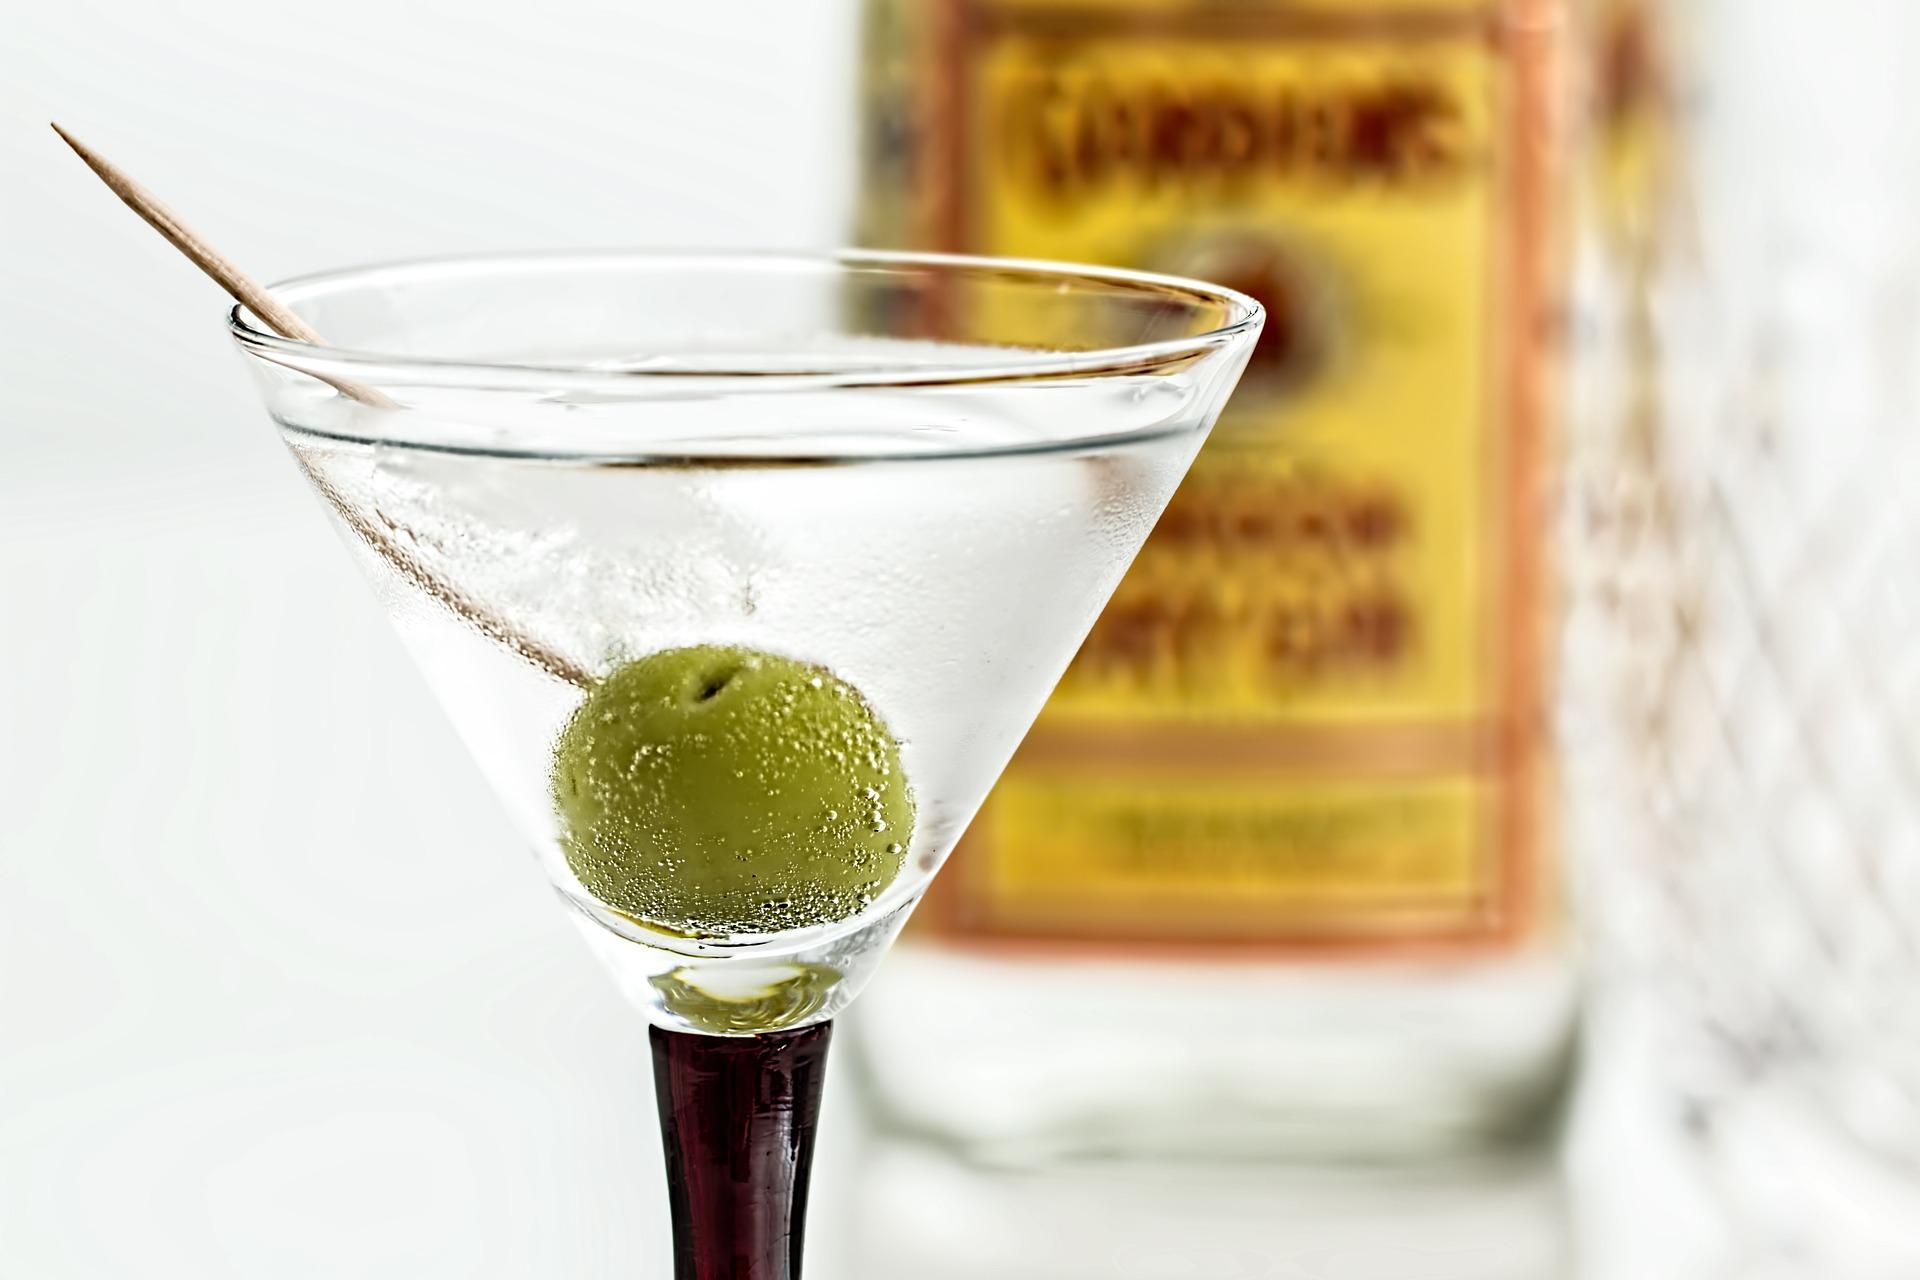 Gin - www.pixabay.com